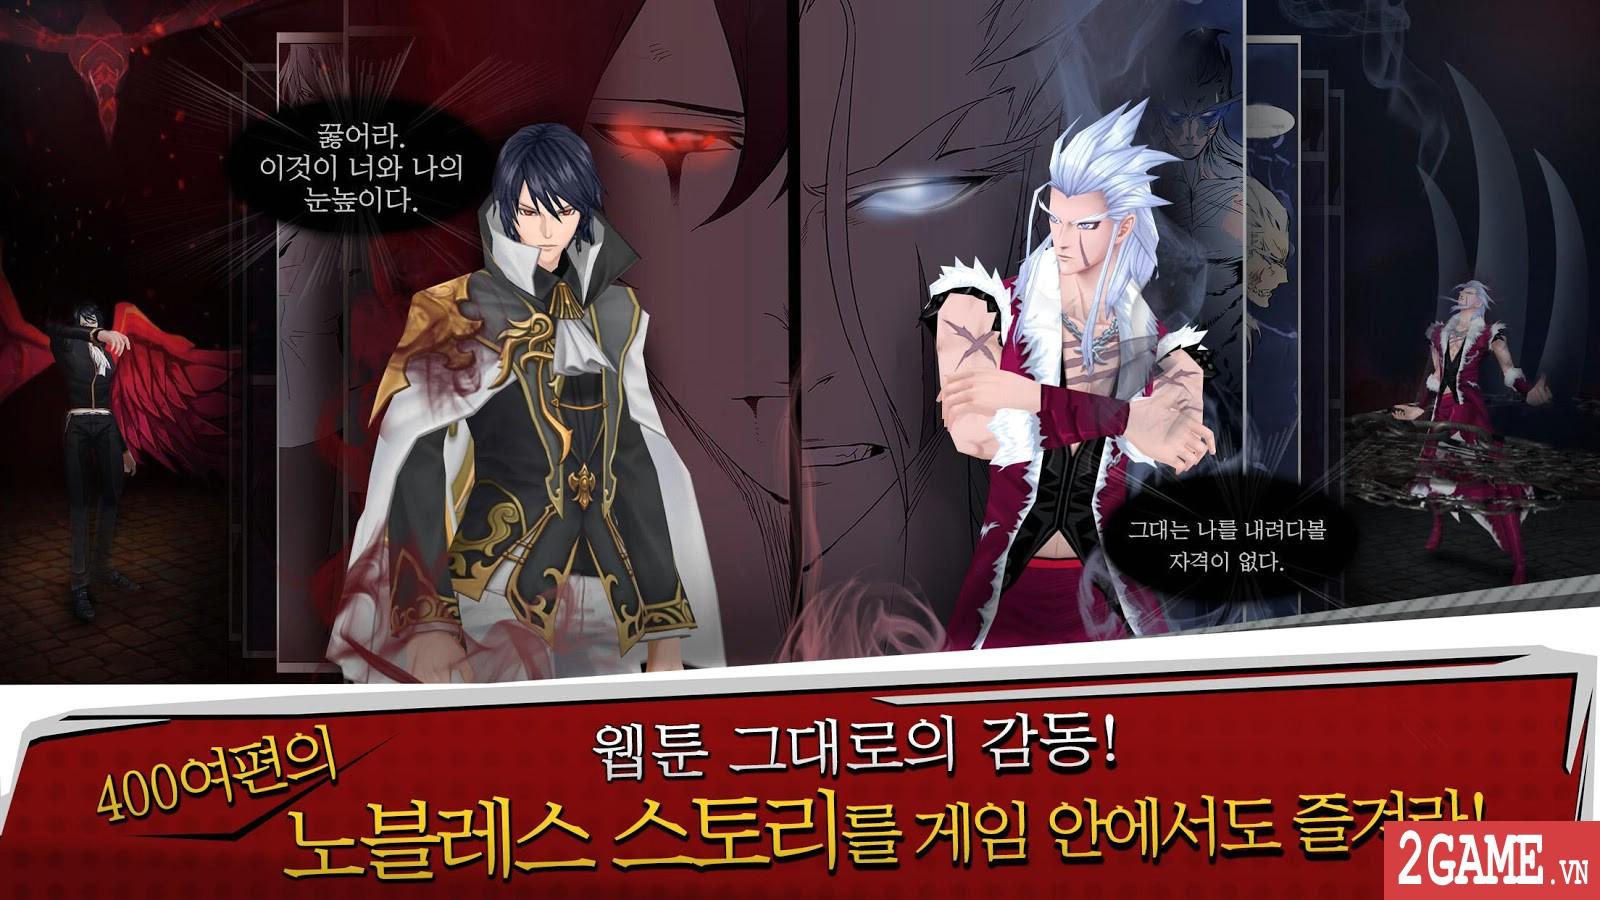 Noblesse - Game nhập vai đánh theo lượt phỏng dựng theo nguyên bản bộ truyện tranh nổi tiếng cùng tên 1